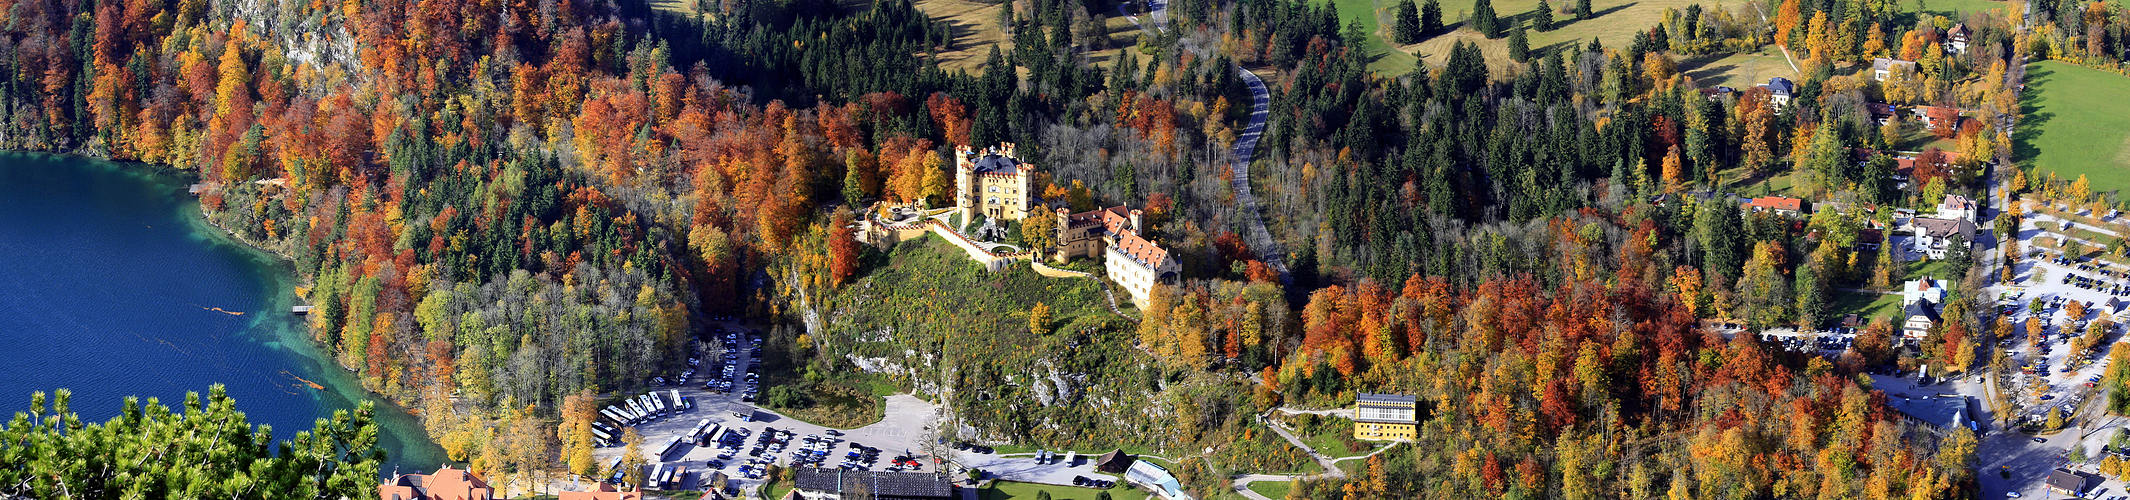 Eine bekannte Burg!